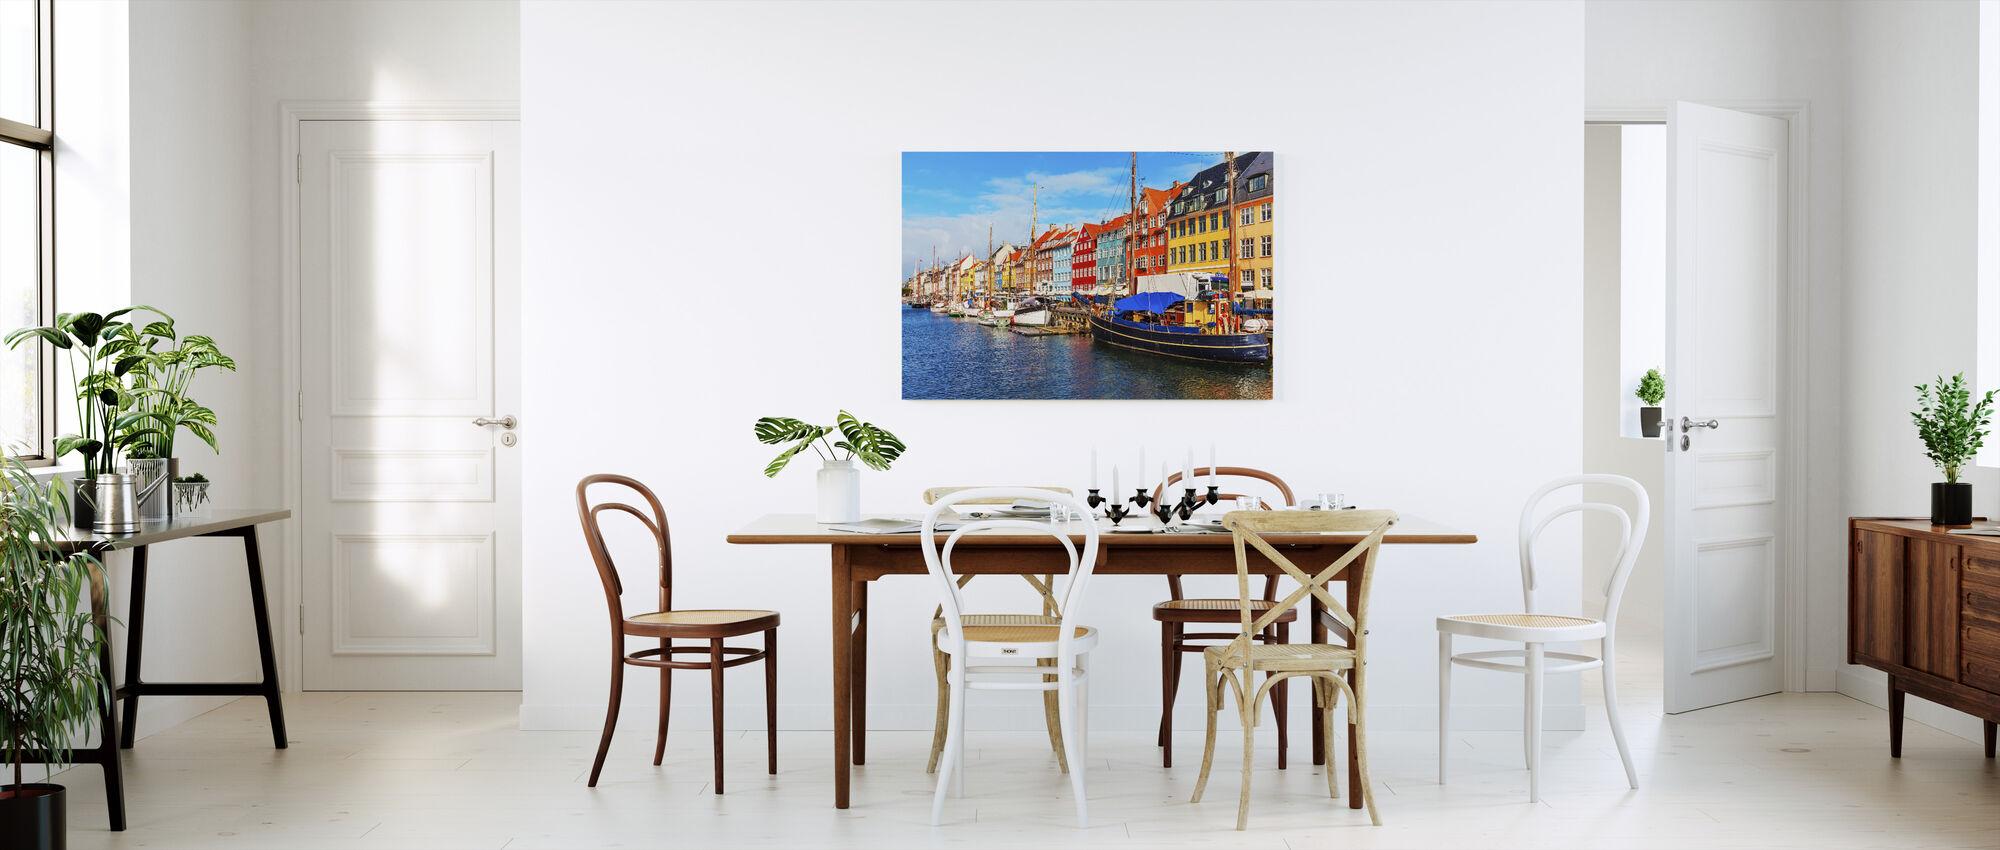 Summer View of Nyhavn Pier - Canvas print - Kitchen